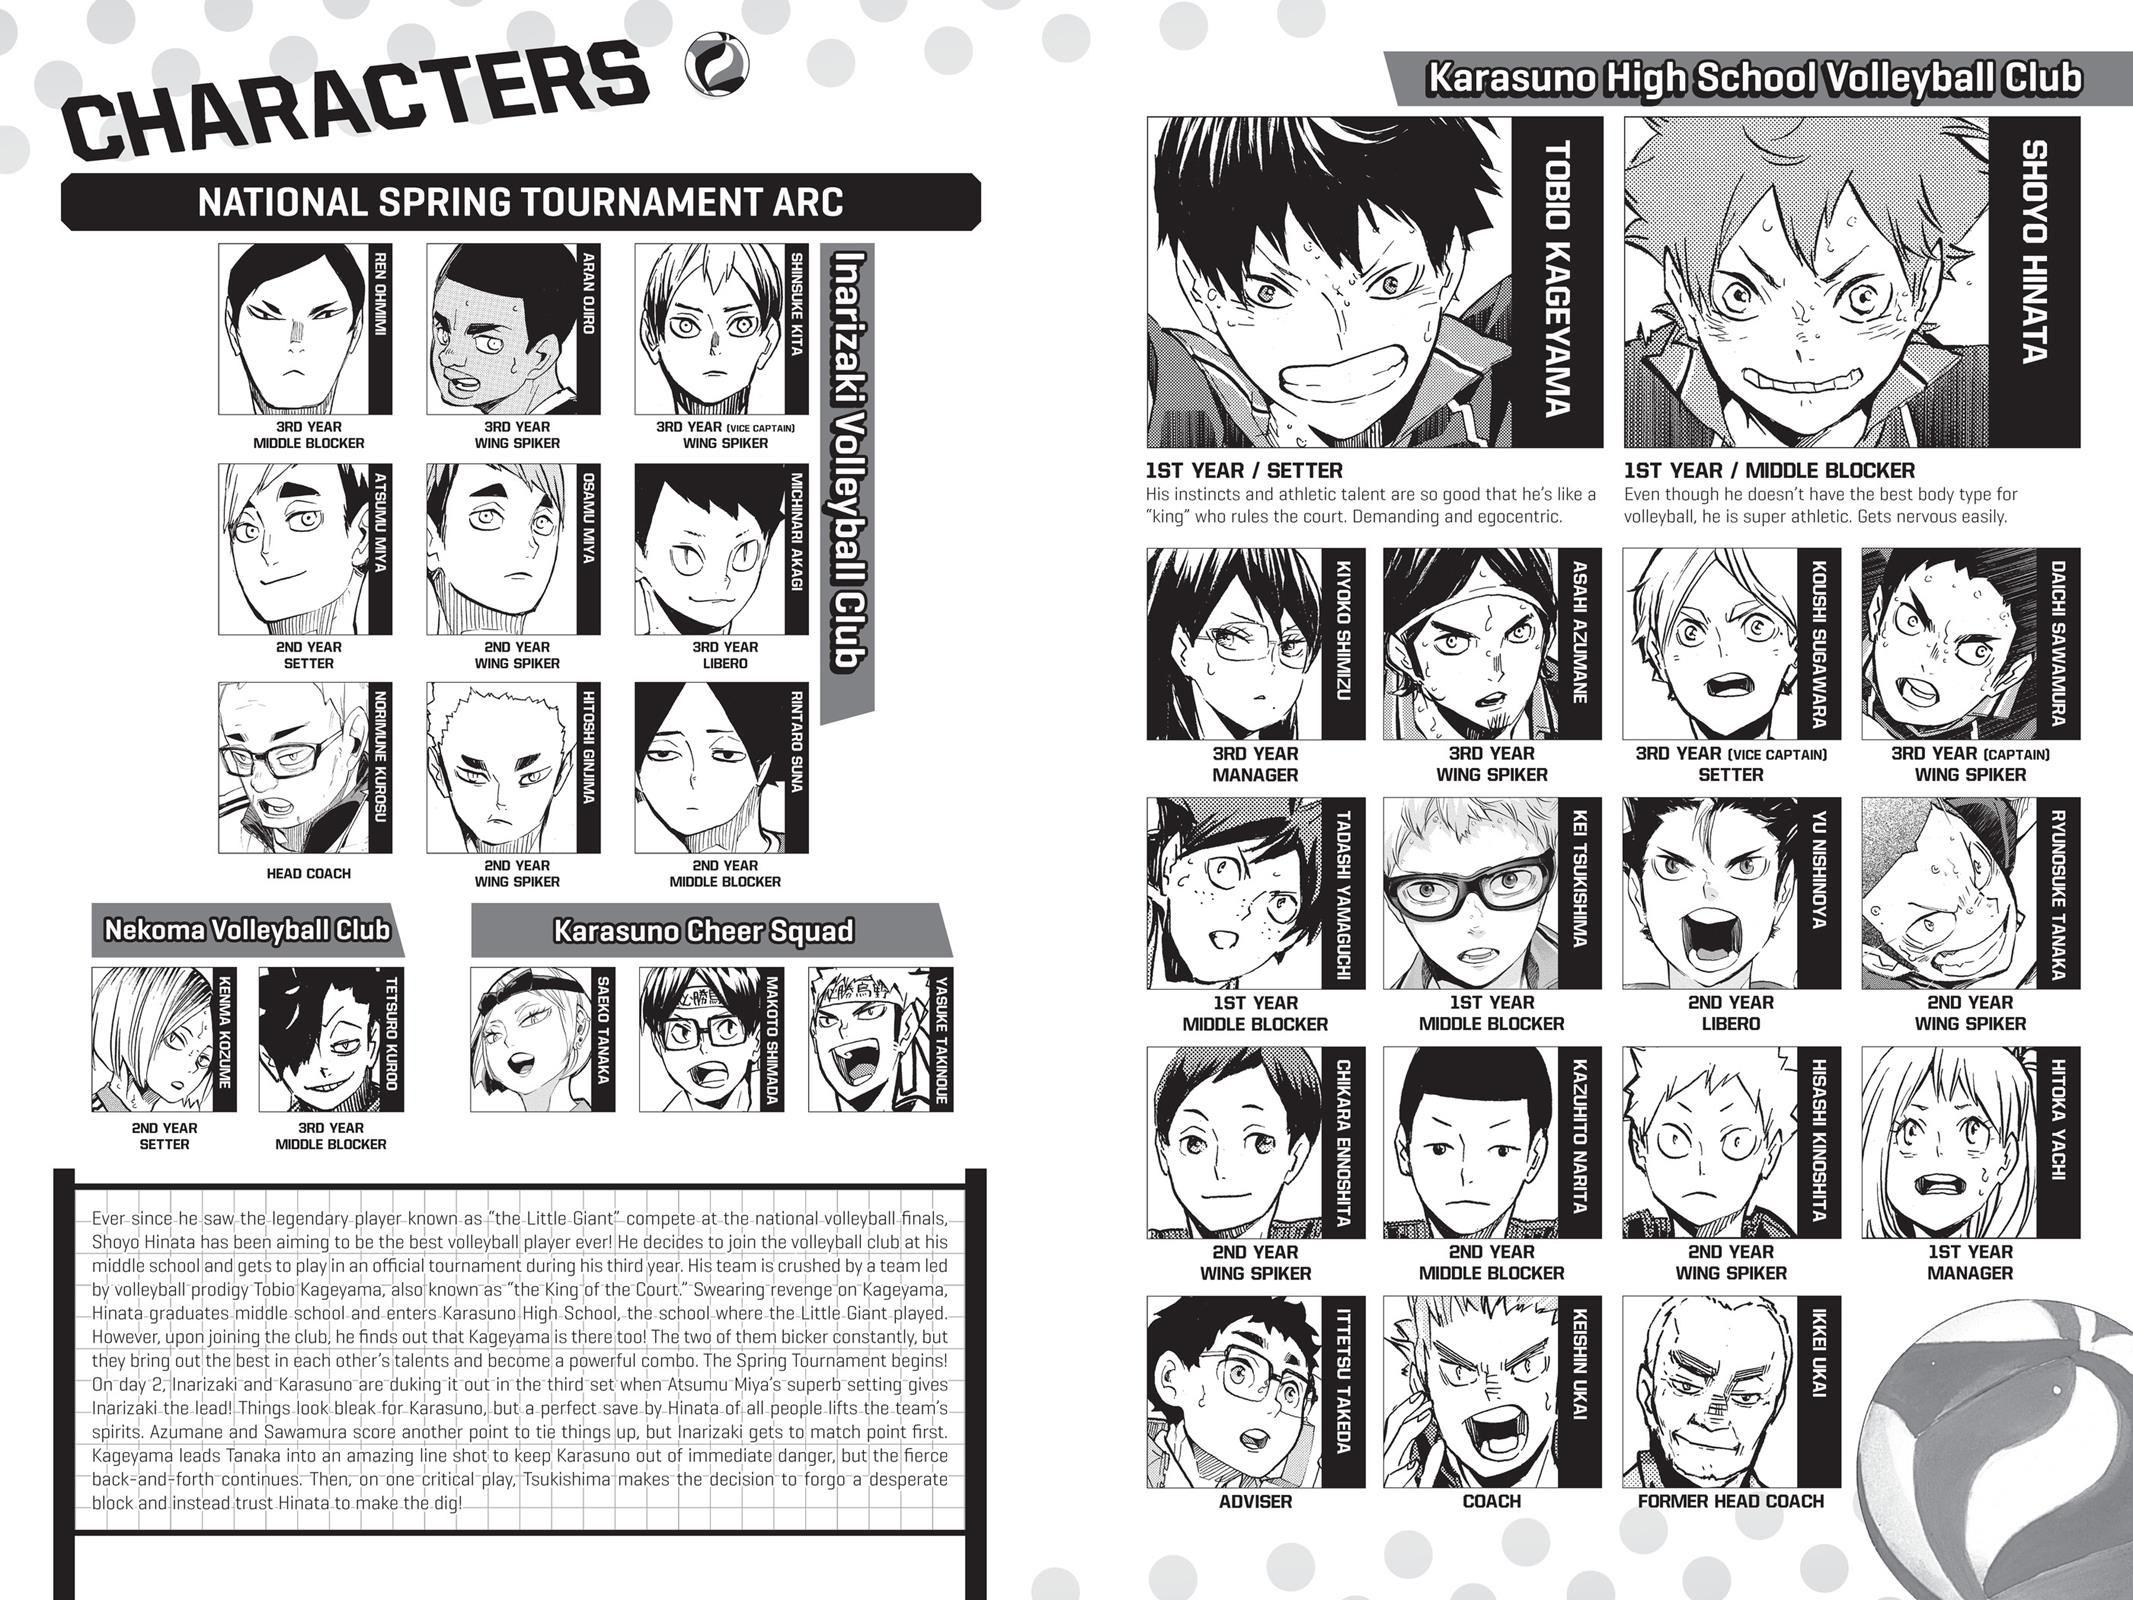 Haikyuu Chapter 288 Read Haikyuu Manga Online In 2020 Haikyuu Chapter Haikyuu Anime Sub indonesia, baca komik haikyuu!! haikyuu chapter 288 read haikyuu